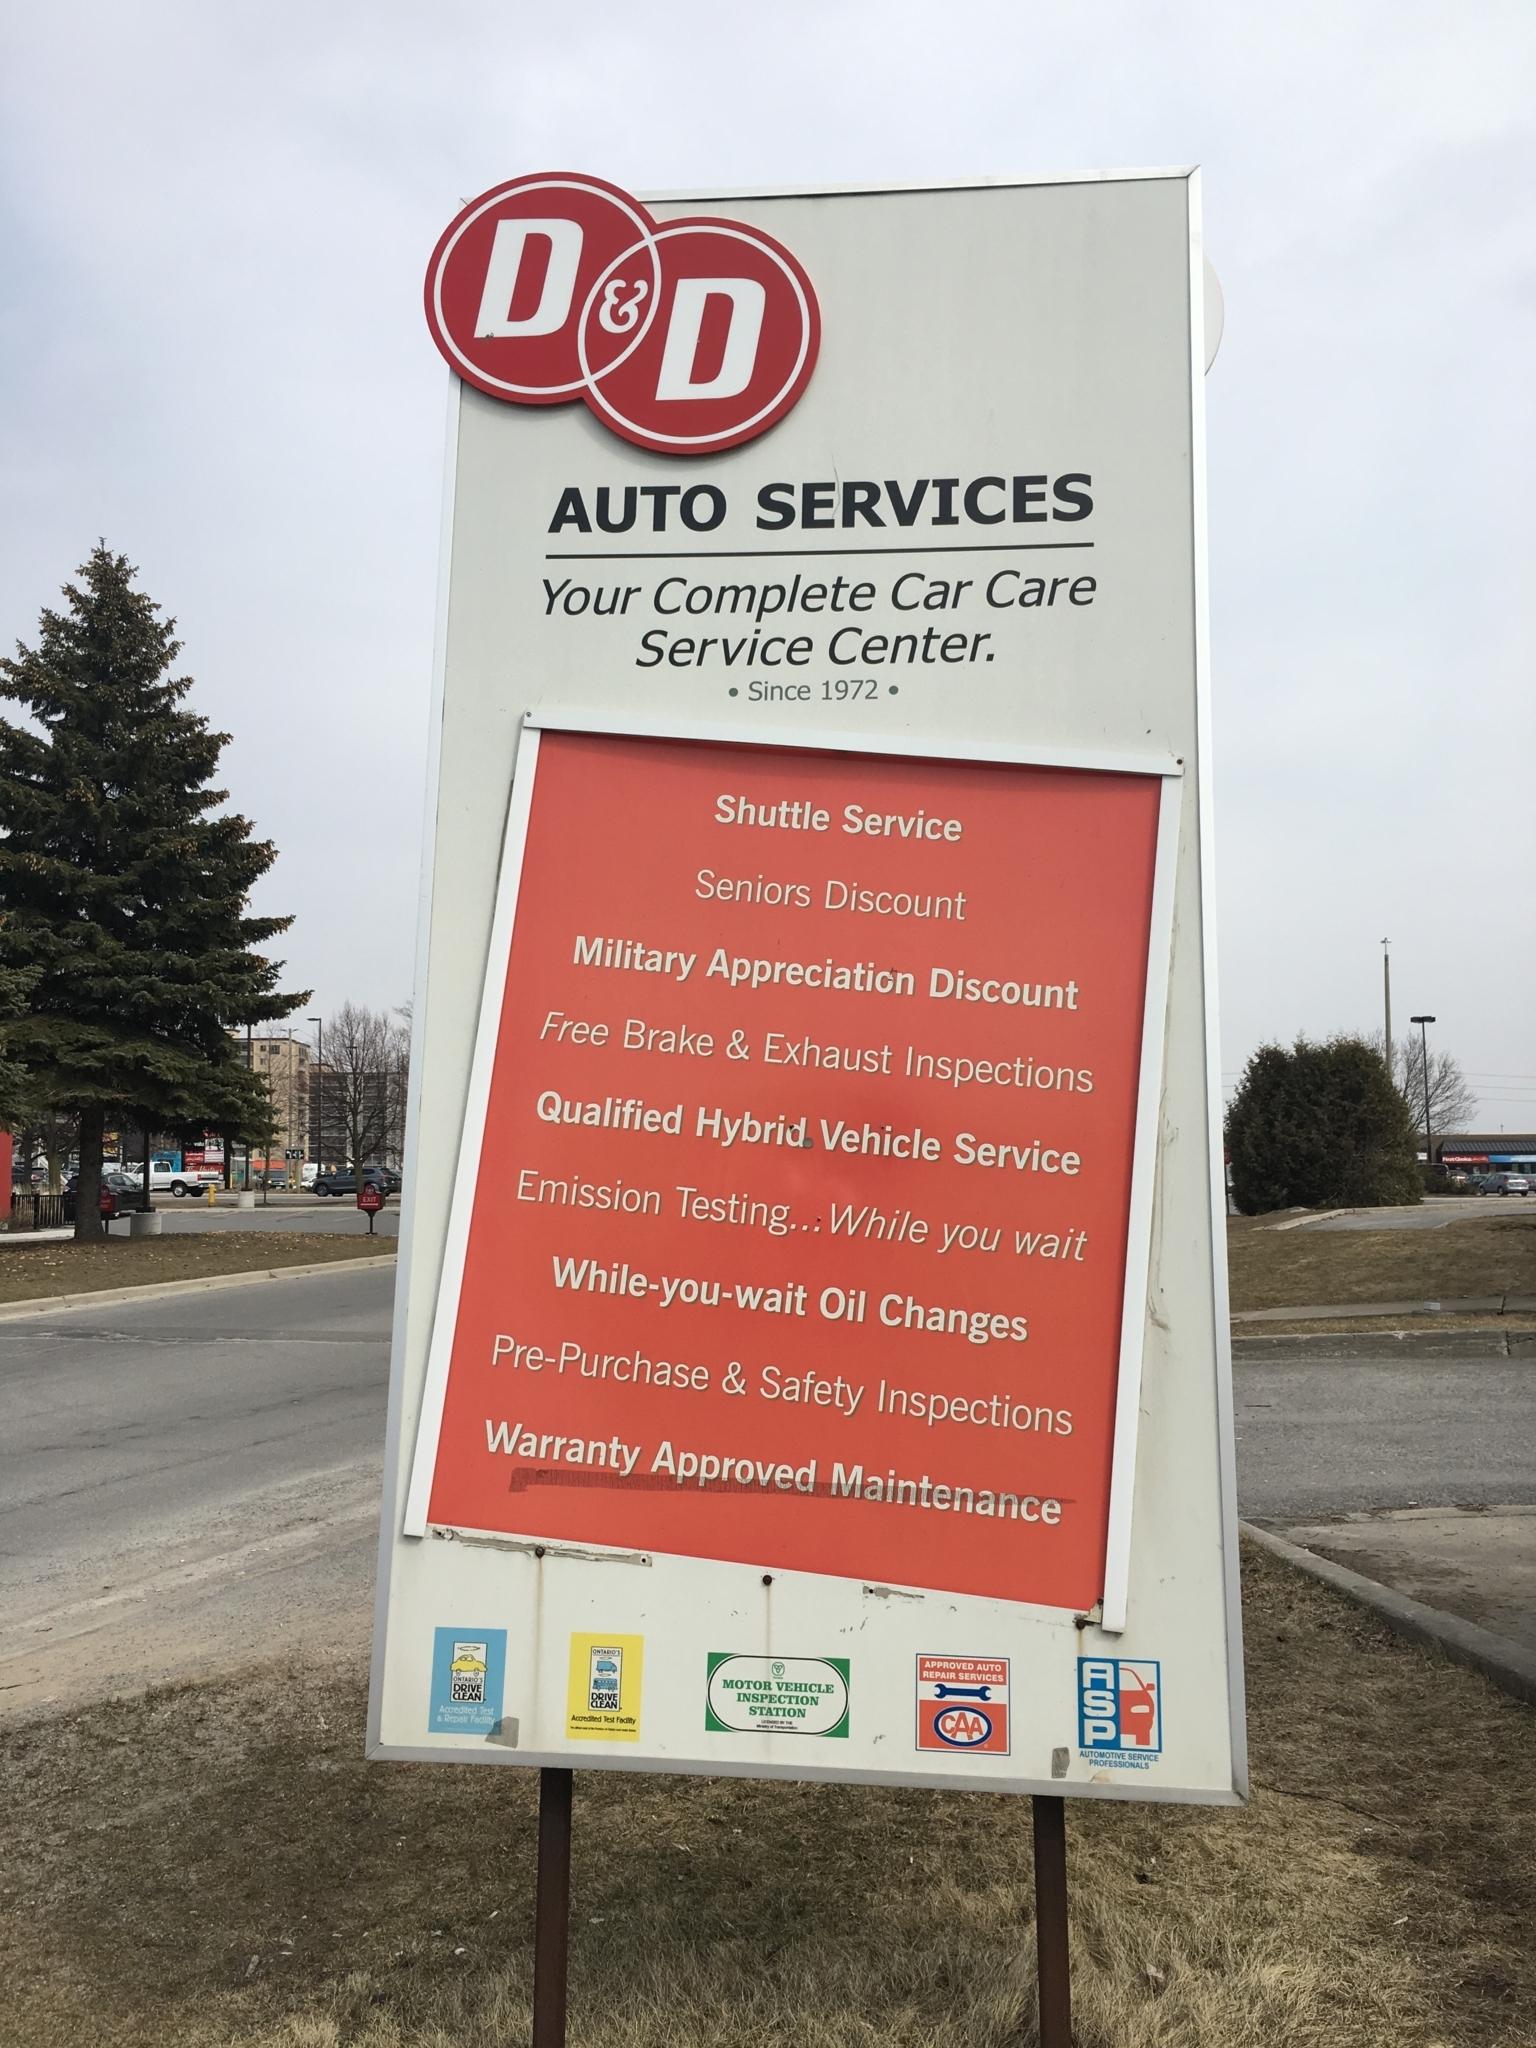 D & D Auto Services Ltd in Kingston